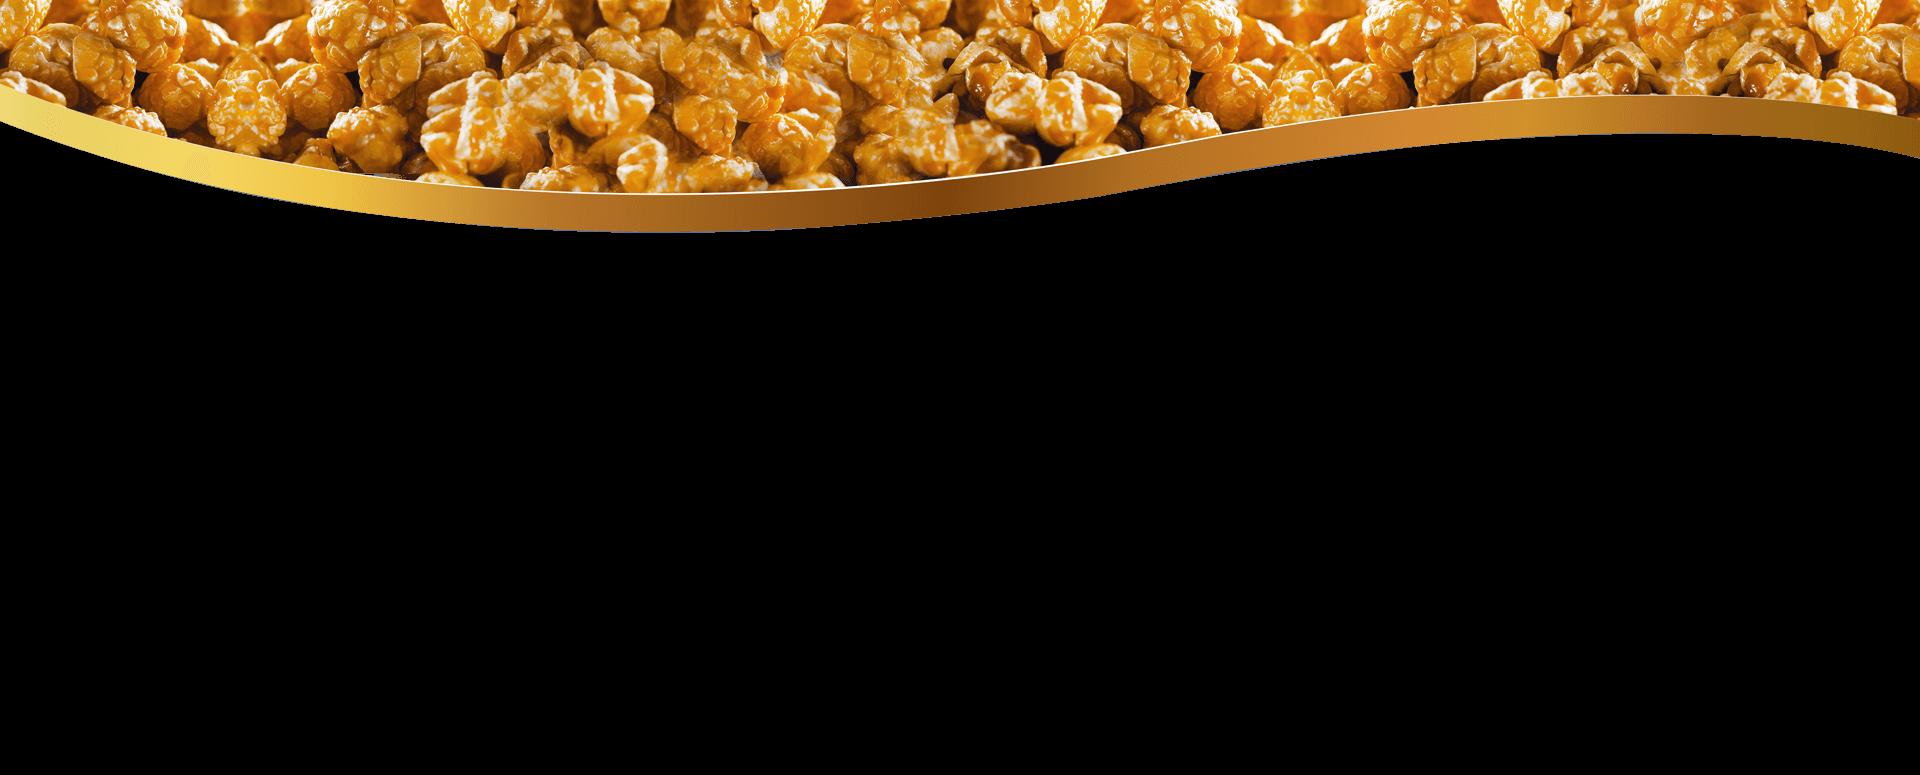 kernelpop microwave kettle popcorn